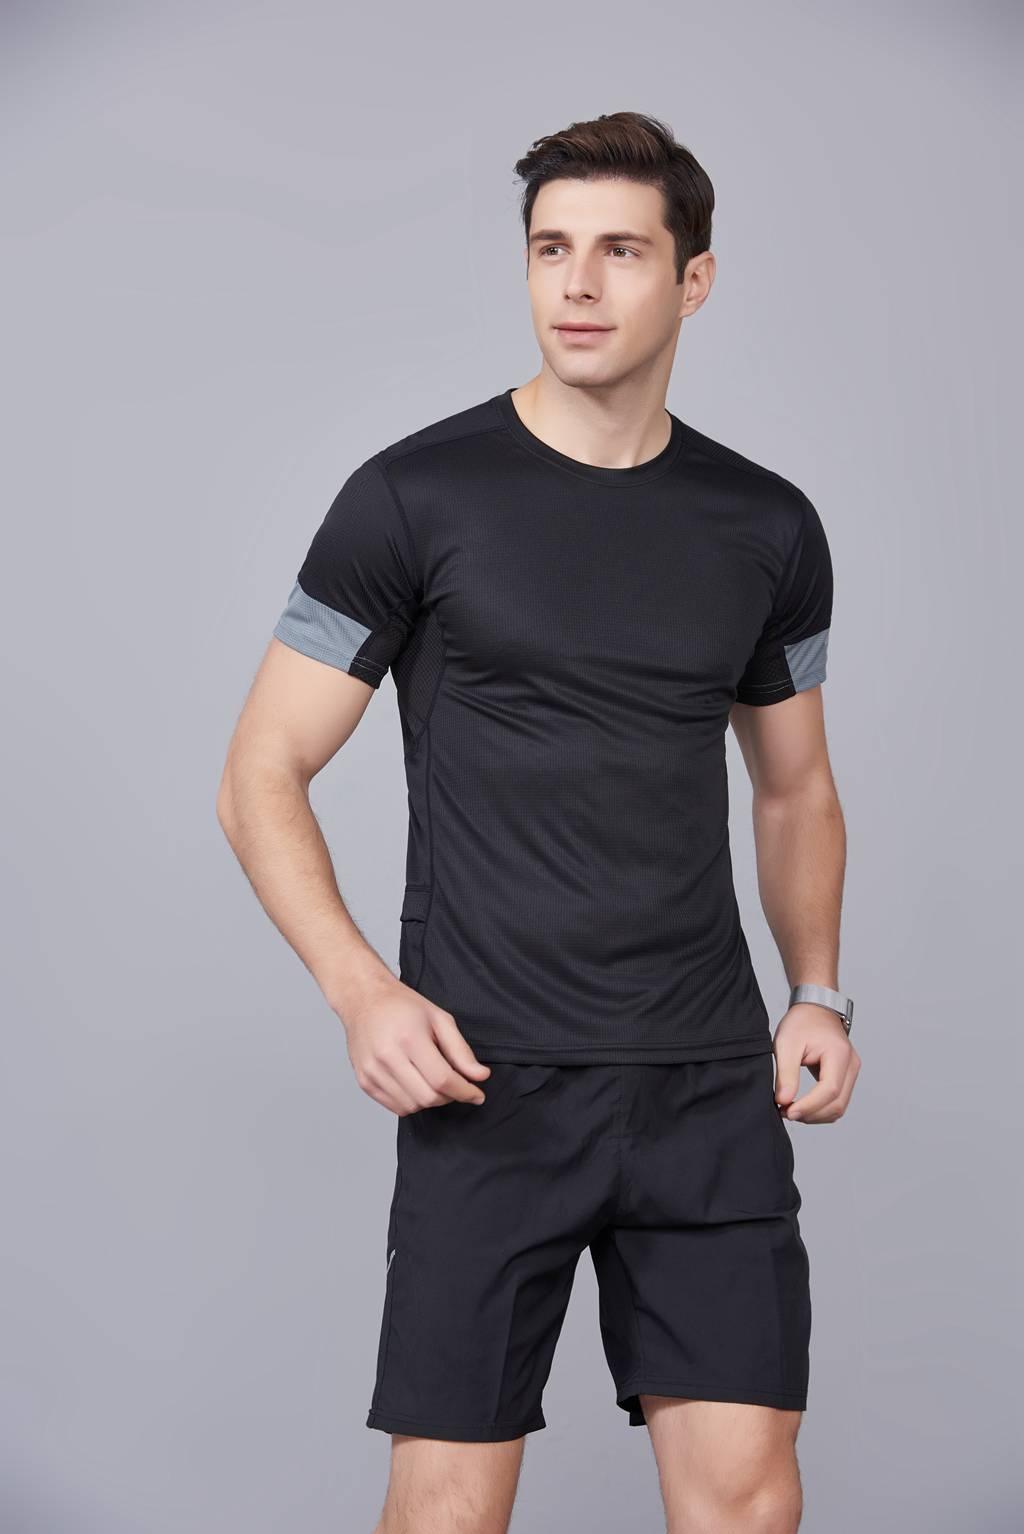 潮流运动T恤 打底衫 圆领休闲宽松款 黑色